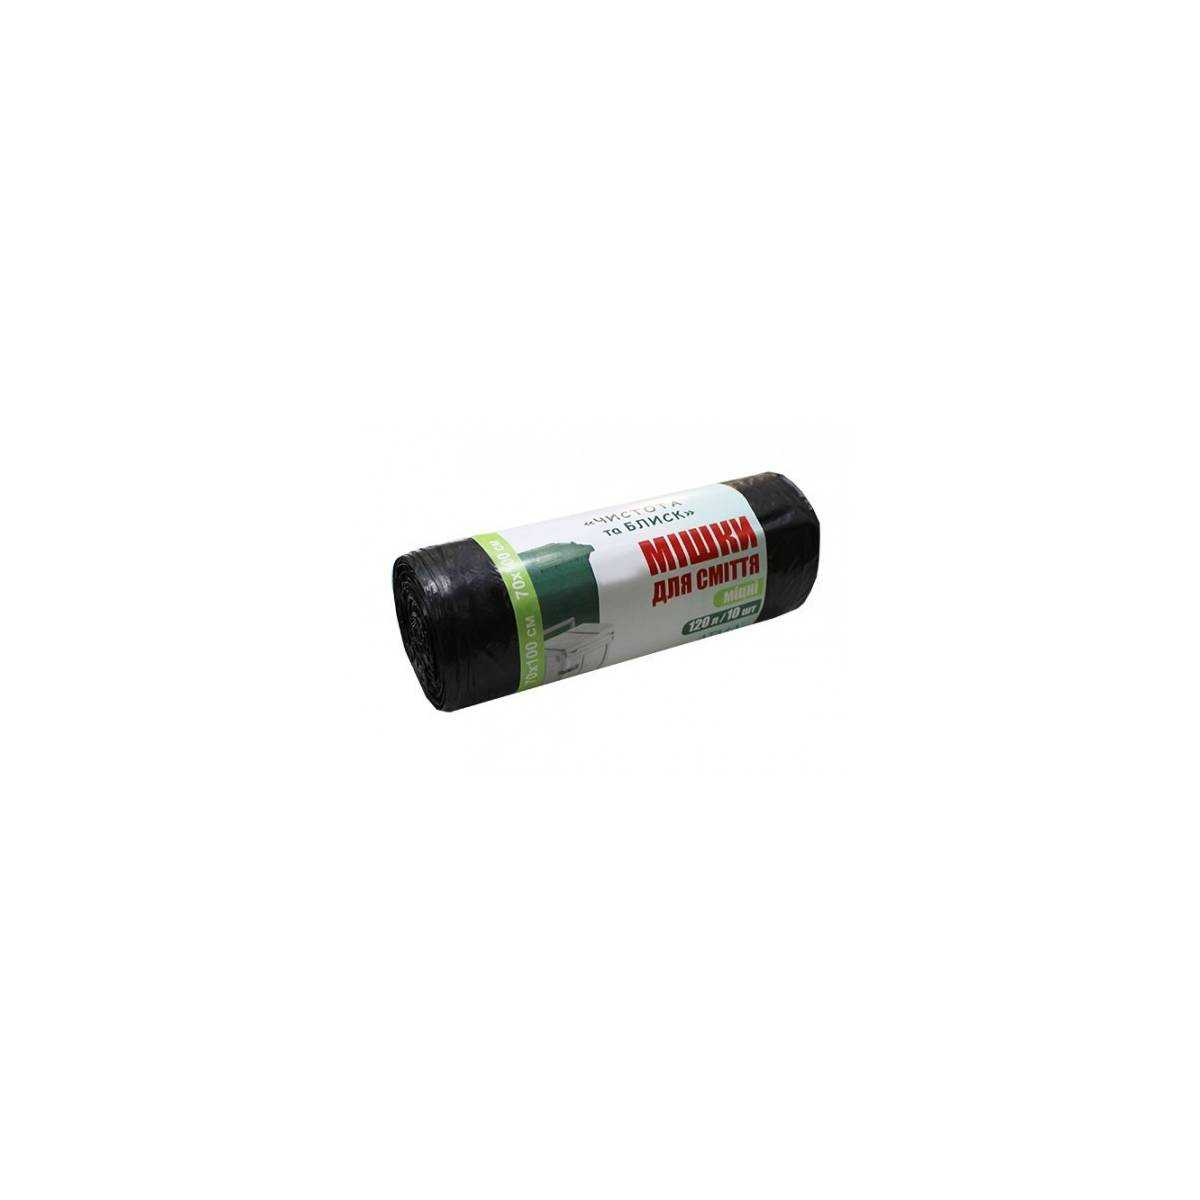 Мешки для мусора плотные 120л ЧИСТОТА ТА БЛИСК (Черные) M51200 Атма